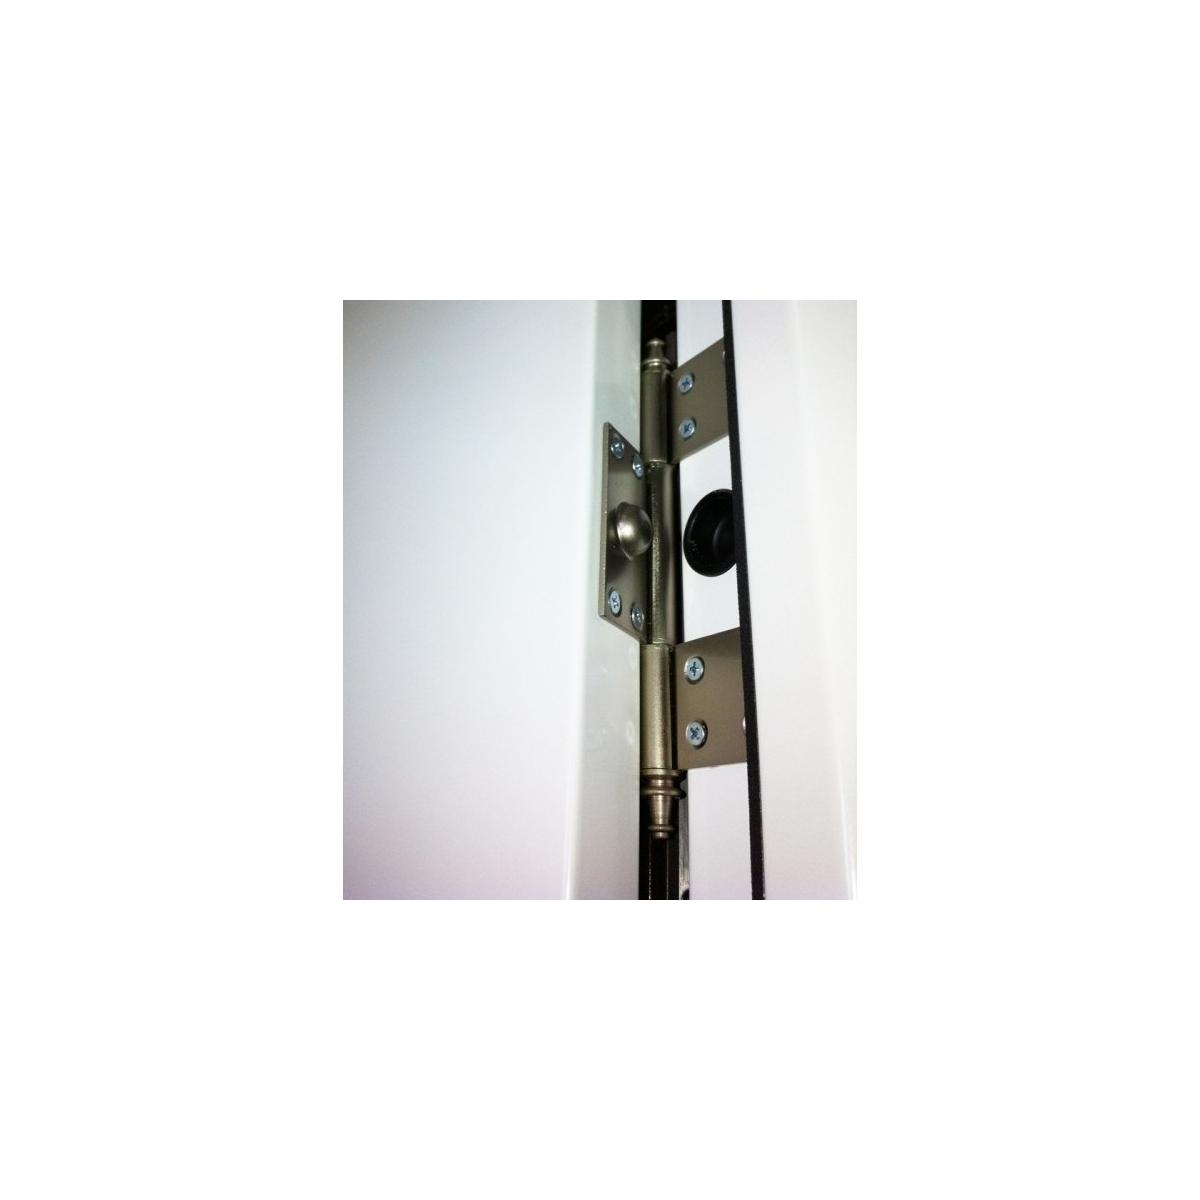 Puerta acorazada Cibeles - Puertas acorazadas Serie B4-BL